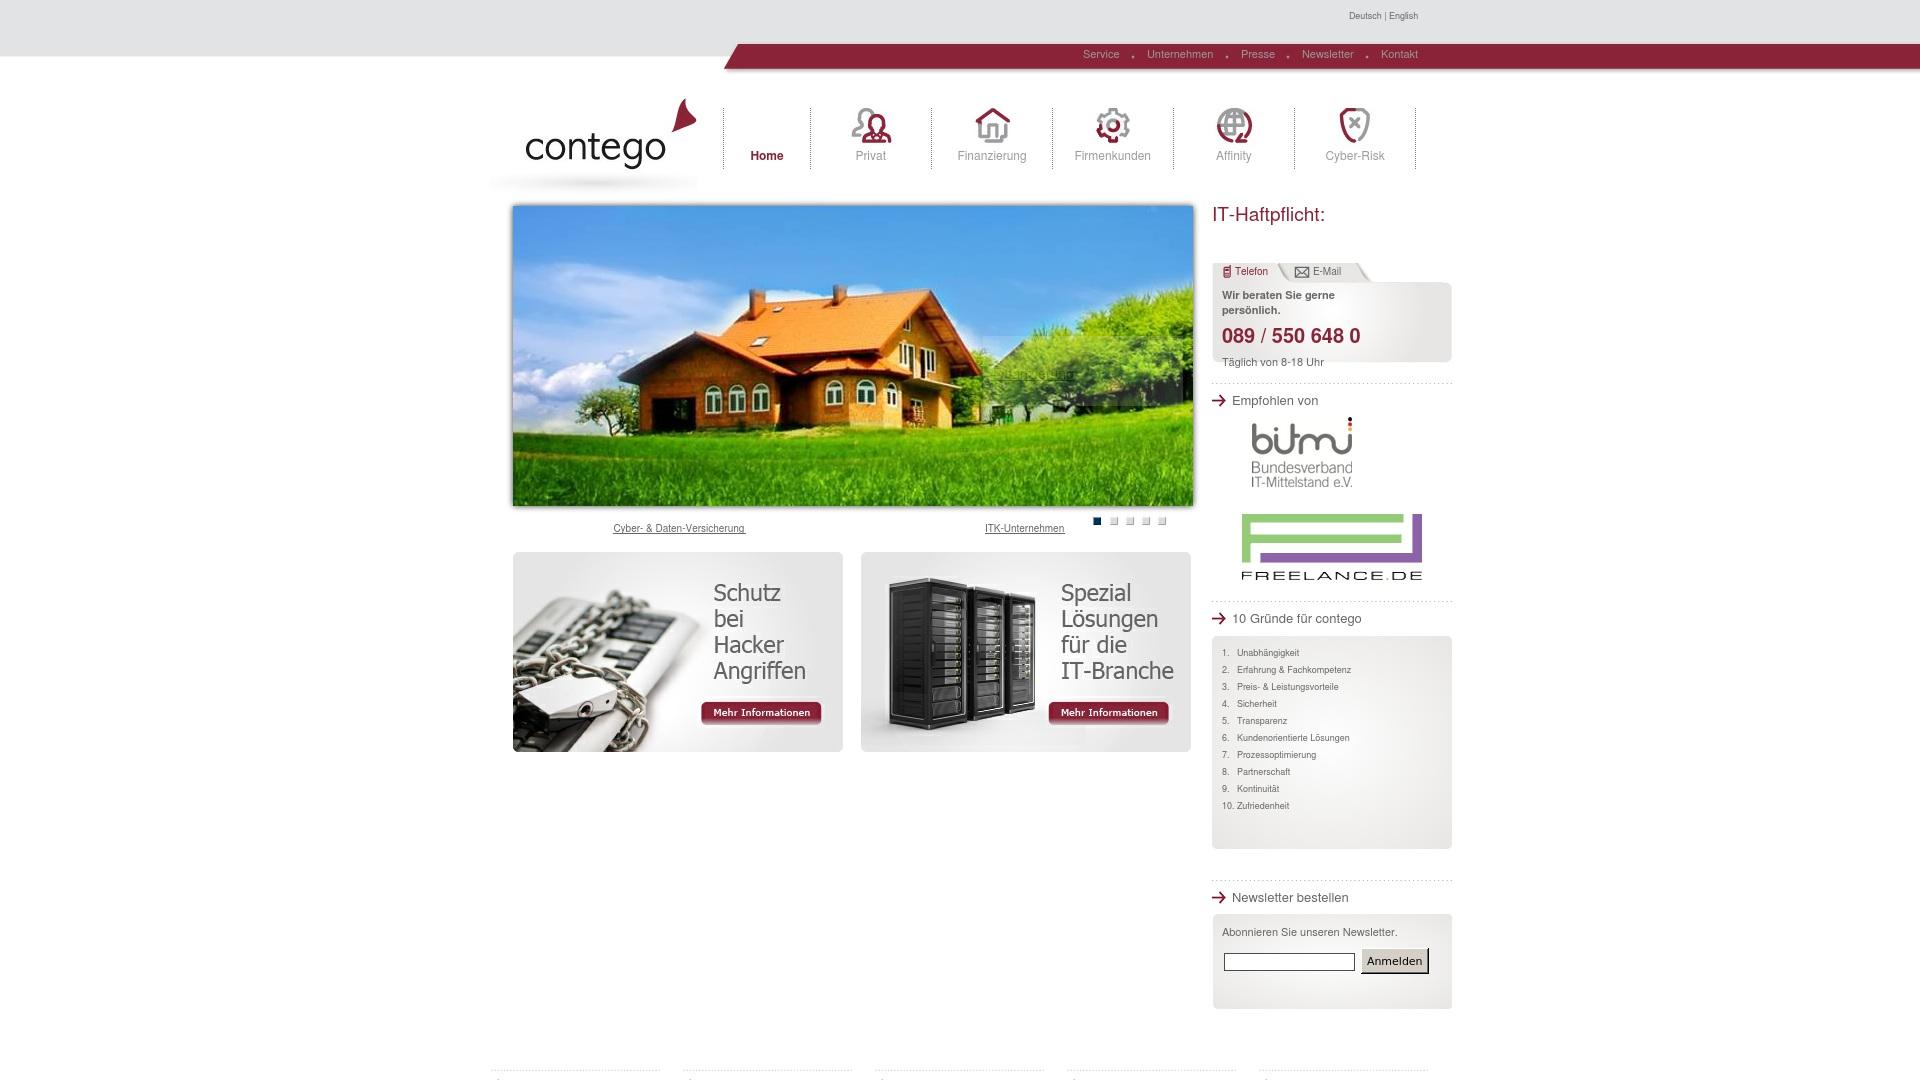 Gutschein für Contego: Rabatte für  Contego sichern